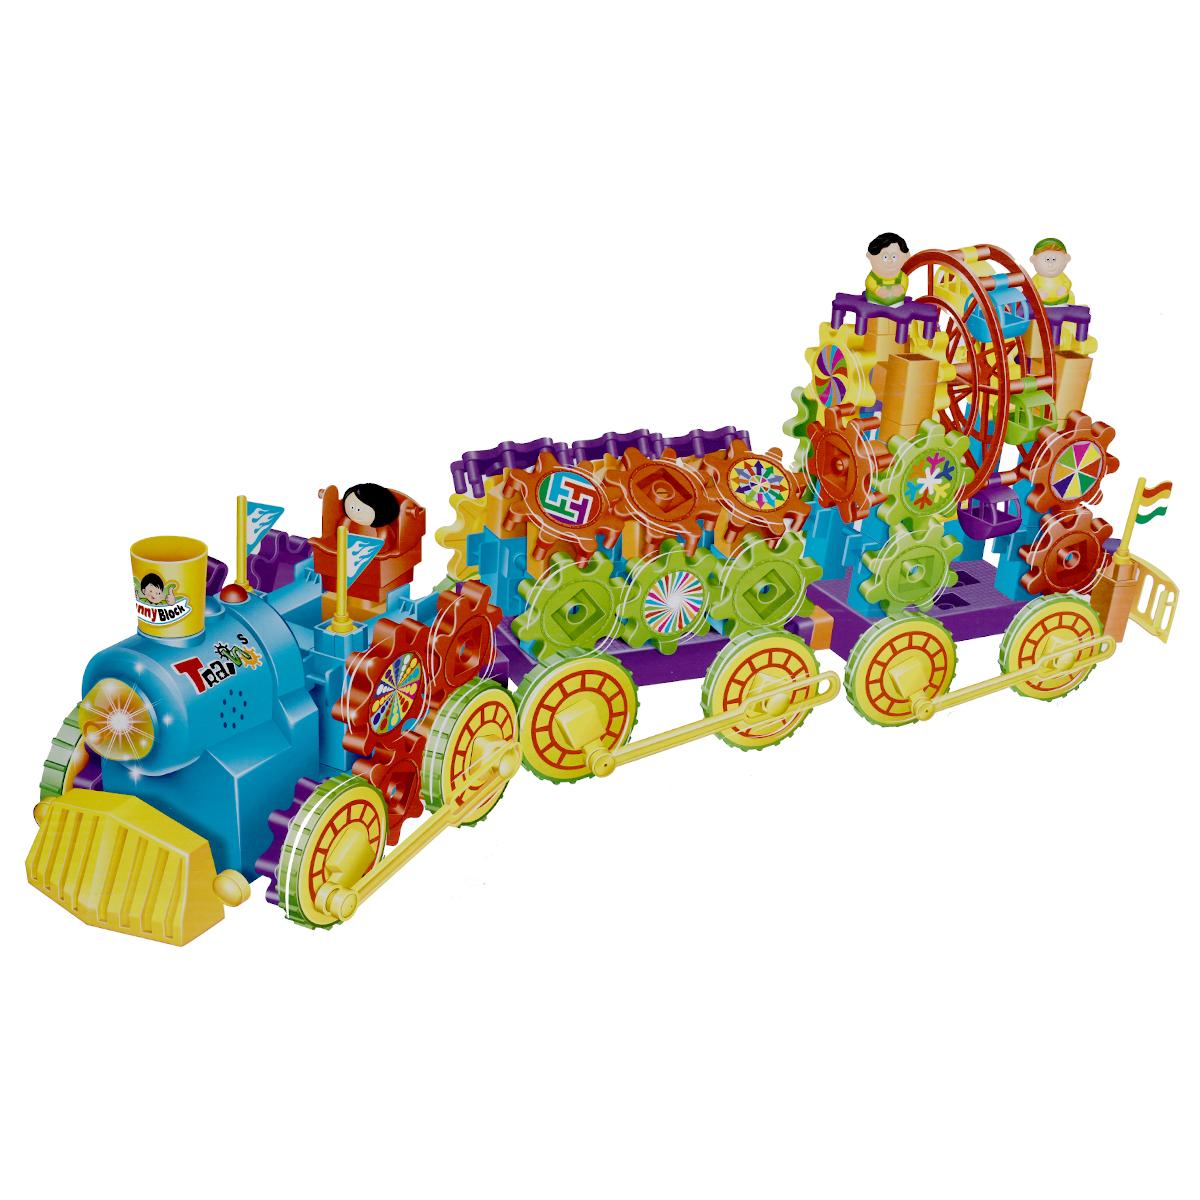 WSBD World Конструктор Музыкальный поезд из шестеренок9601Музыкальный поезд из шестеренок Kingdom Playright - отличный подарок ребенку. Кузов поезда и вагоны выполнены из конструктора в виде шестеренок, который позволит ребенку моделировать его по своему усмотрению и развивать творческие способности. Поезд при движении проигрывает музыку. В комплект входят поезд и инструкция с рисунками. Поезд работает от 3 батарей типа АА (не входят в комплект).